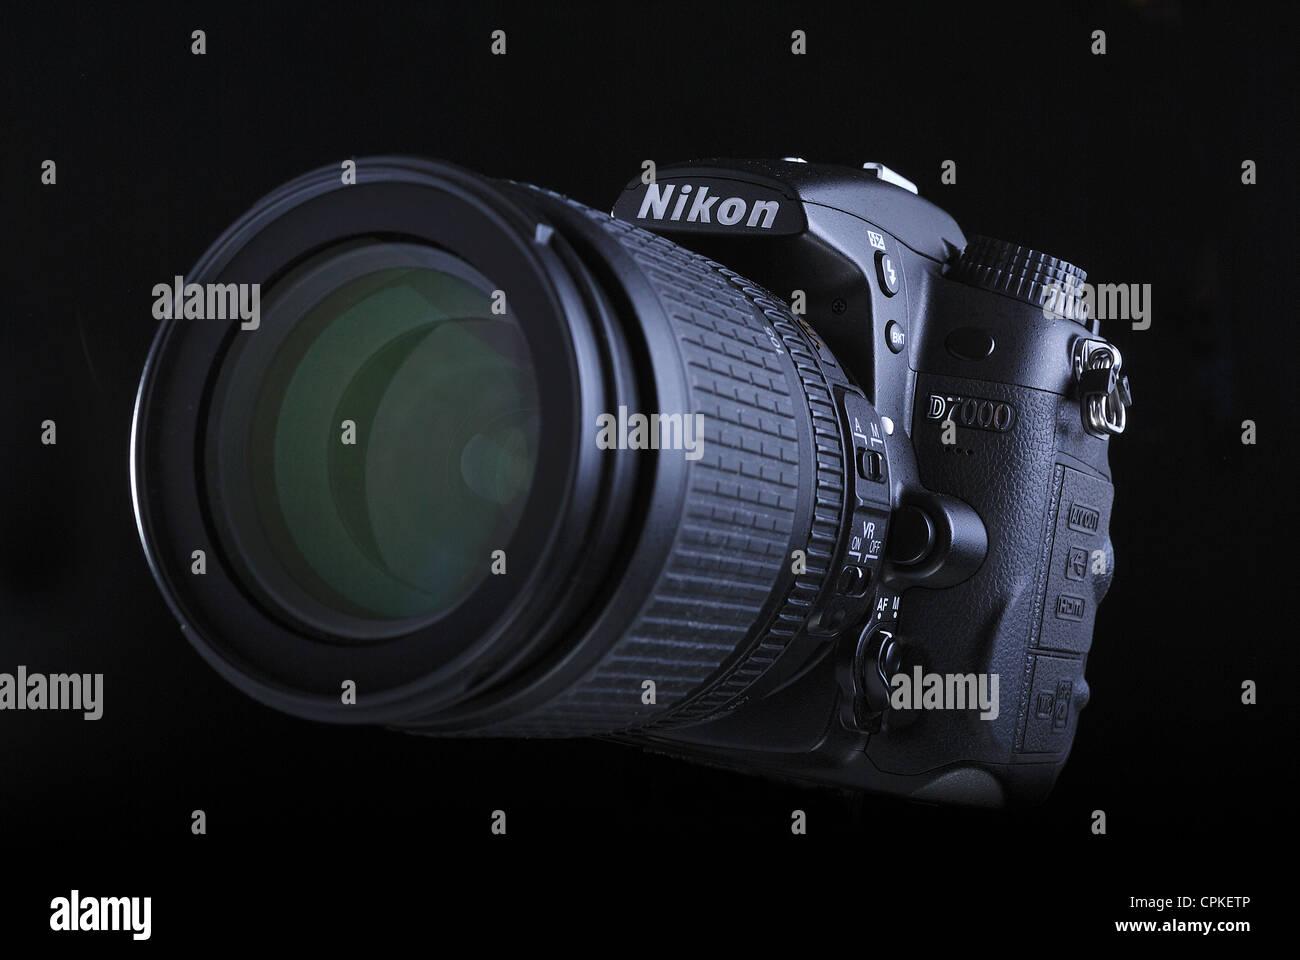 Digitale SLR-Kamera Nikon D7000 Stockbild